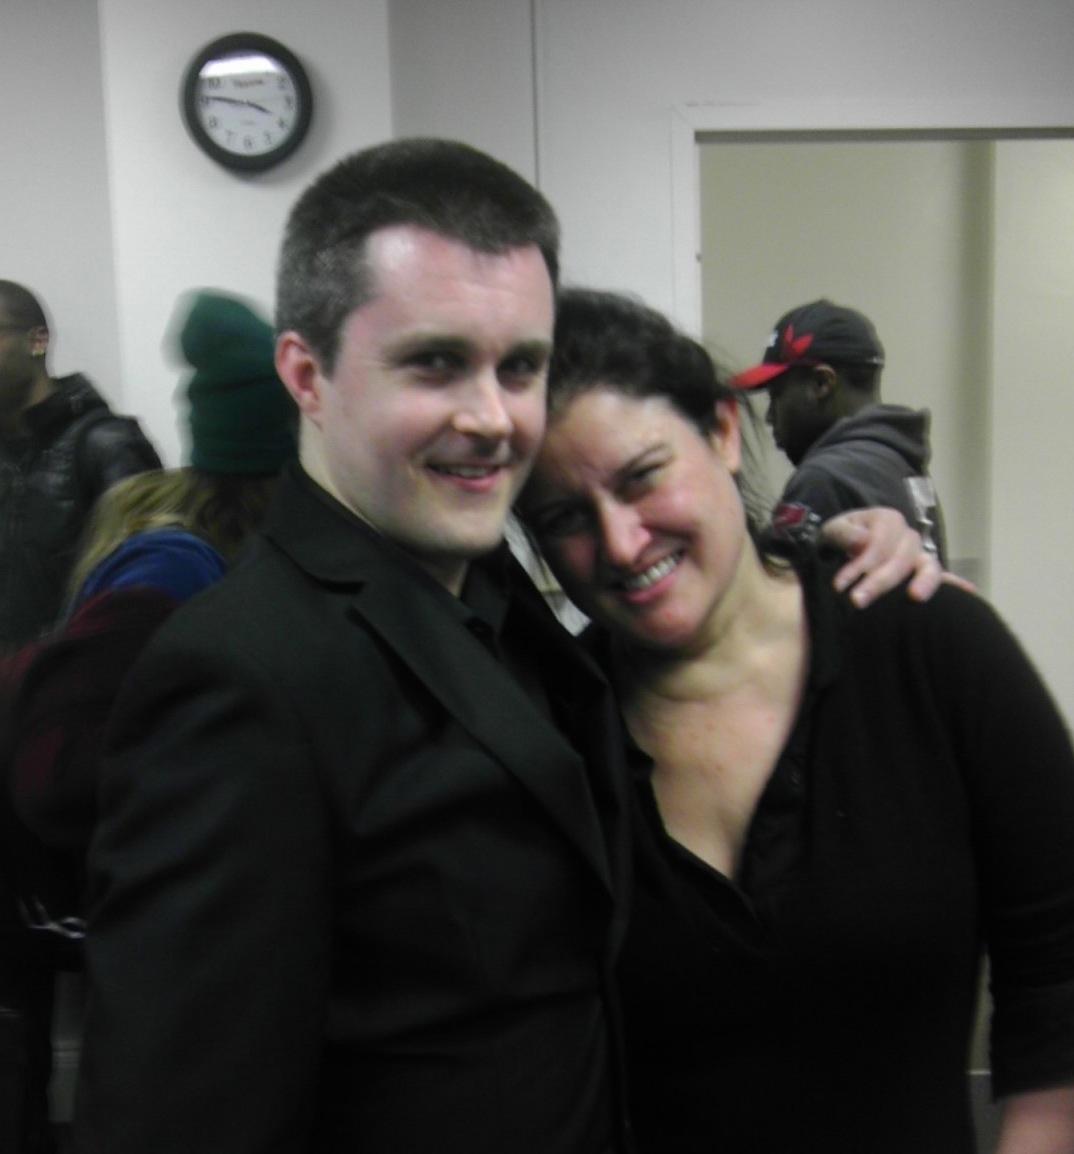 Paula Cole & me.